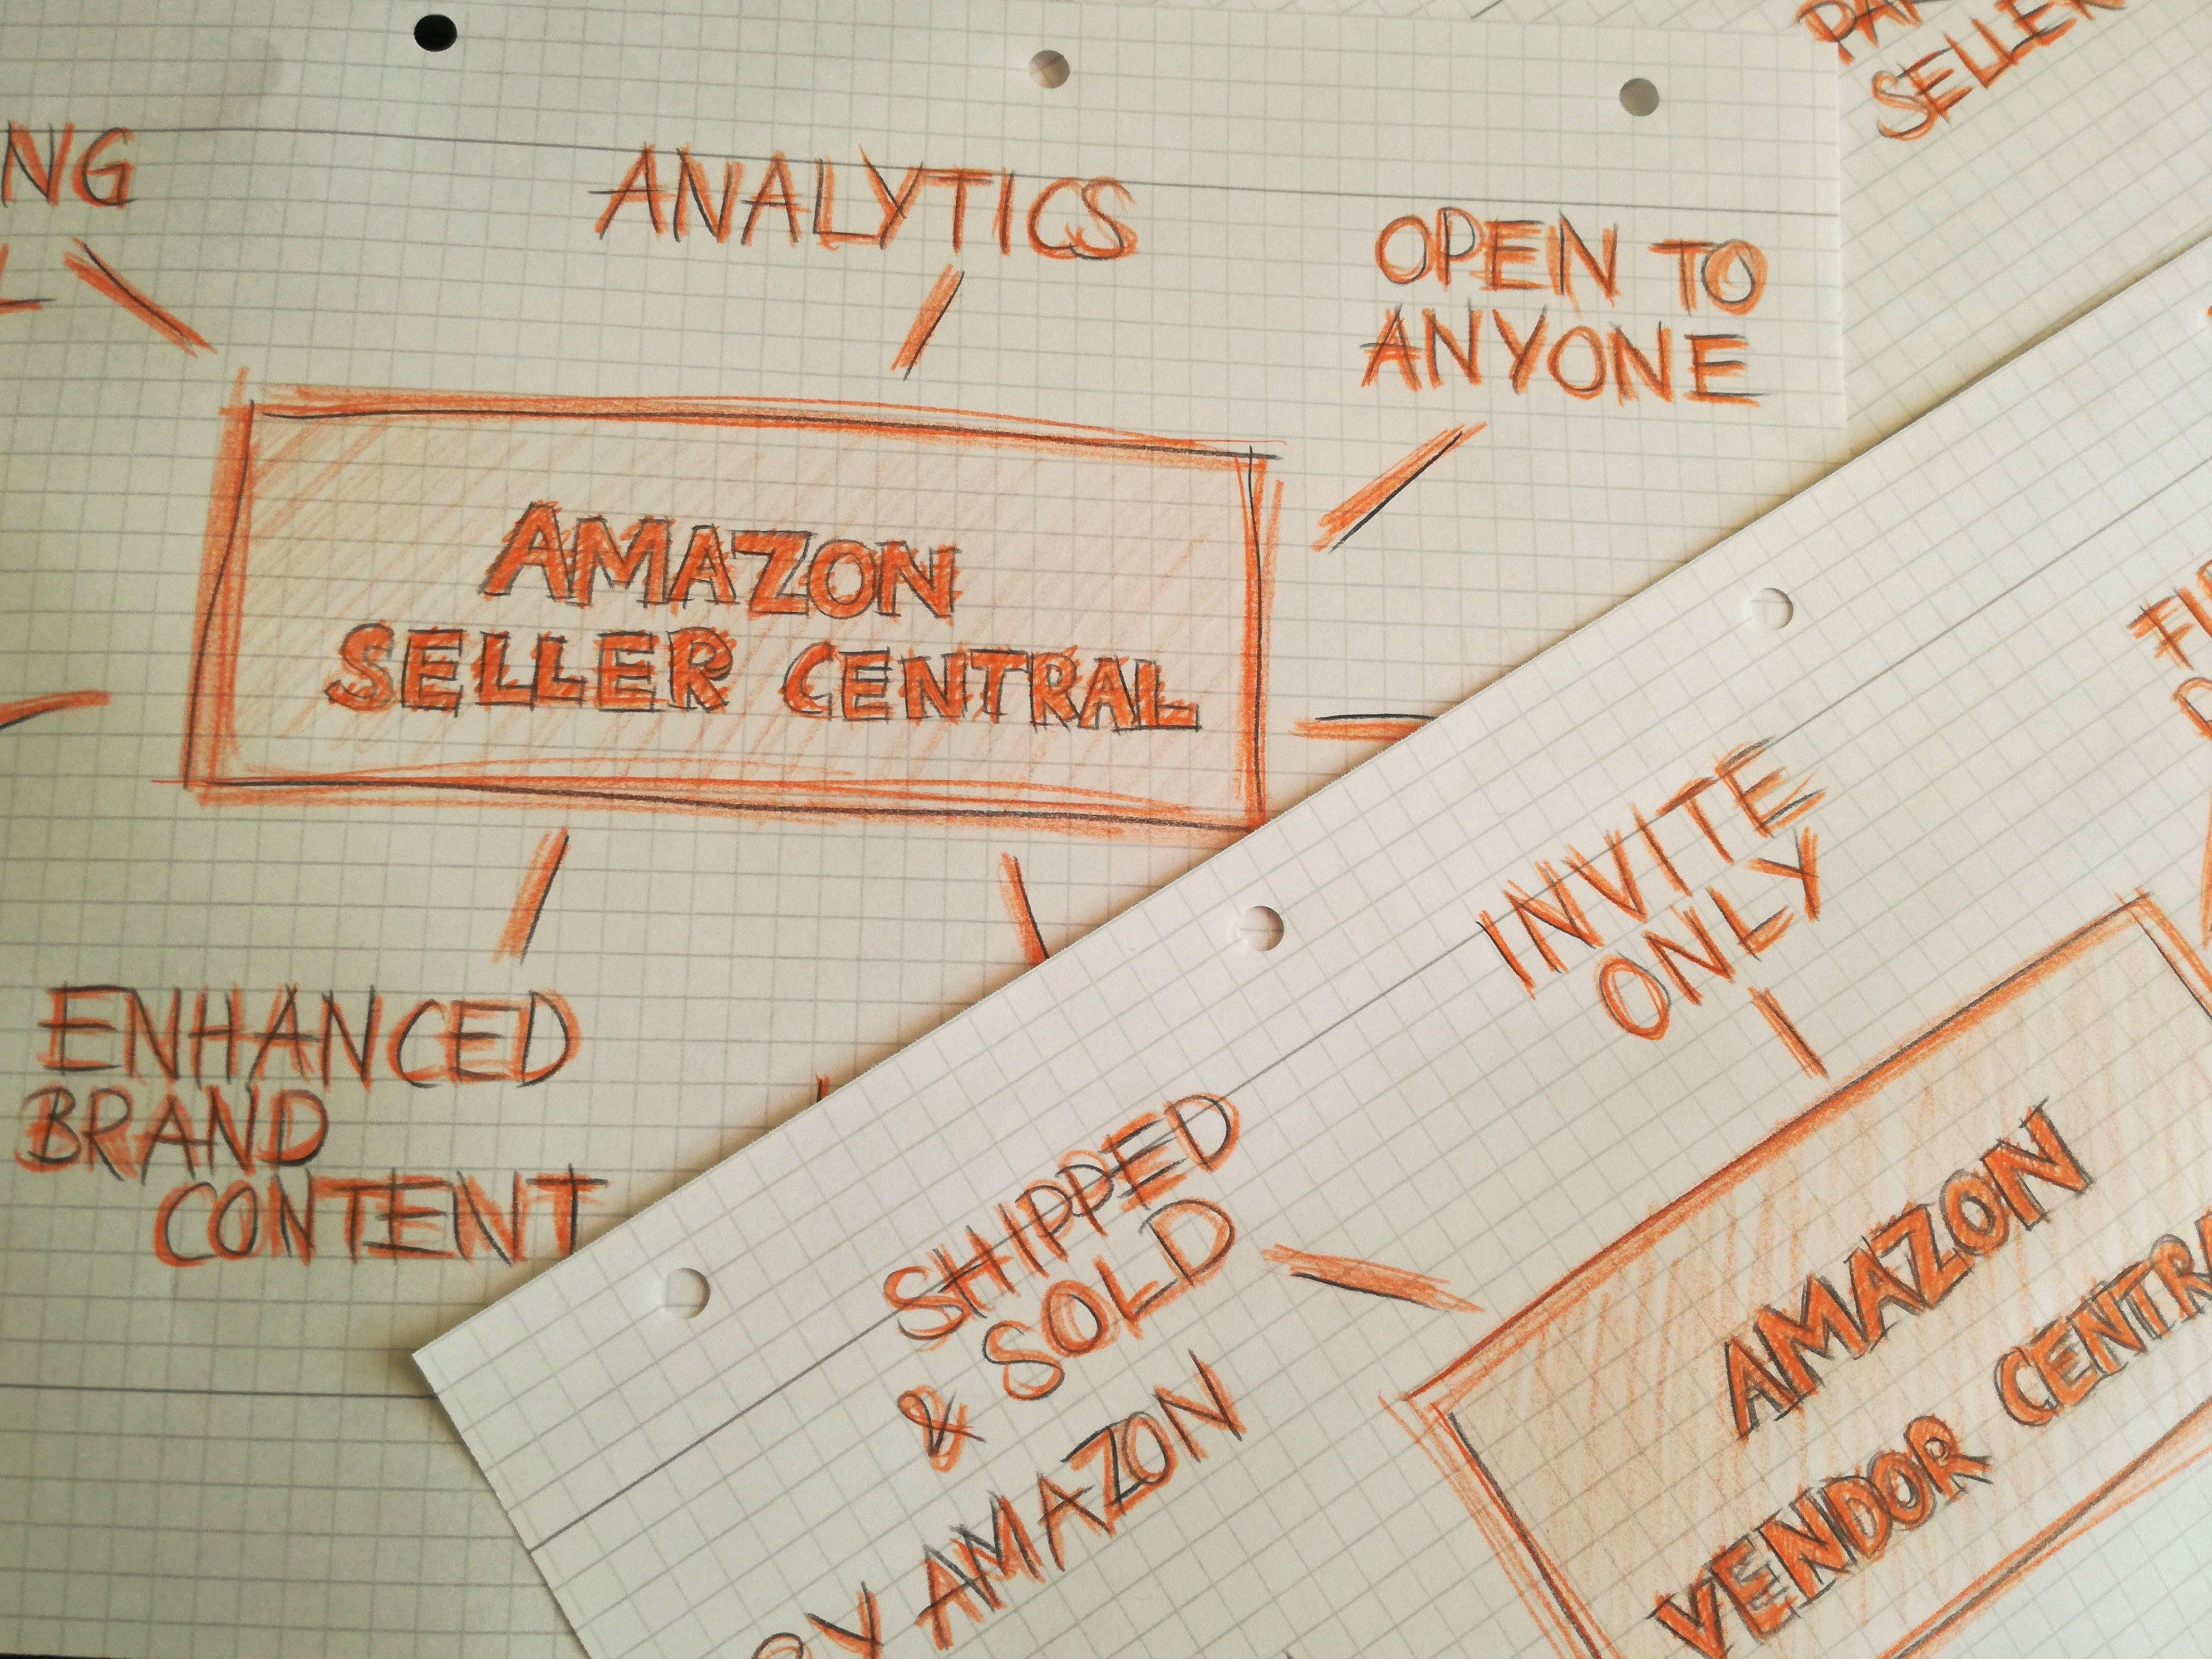 Free stock photo of marketing, orange, amazon, analytics